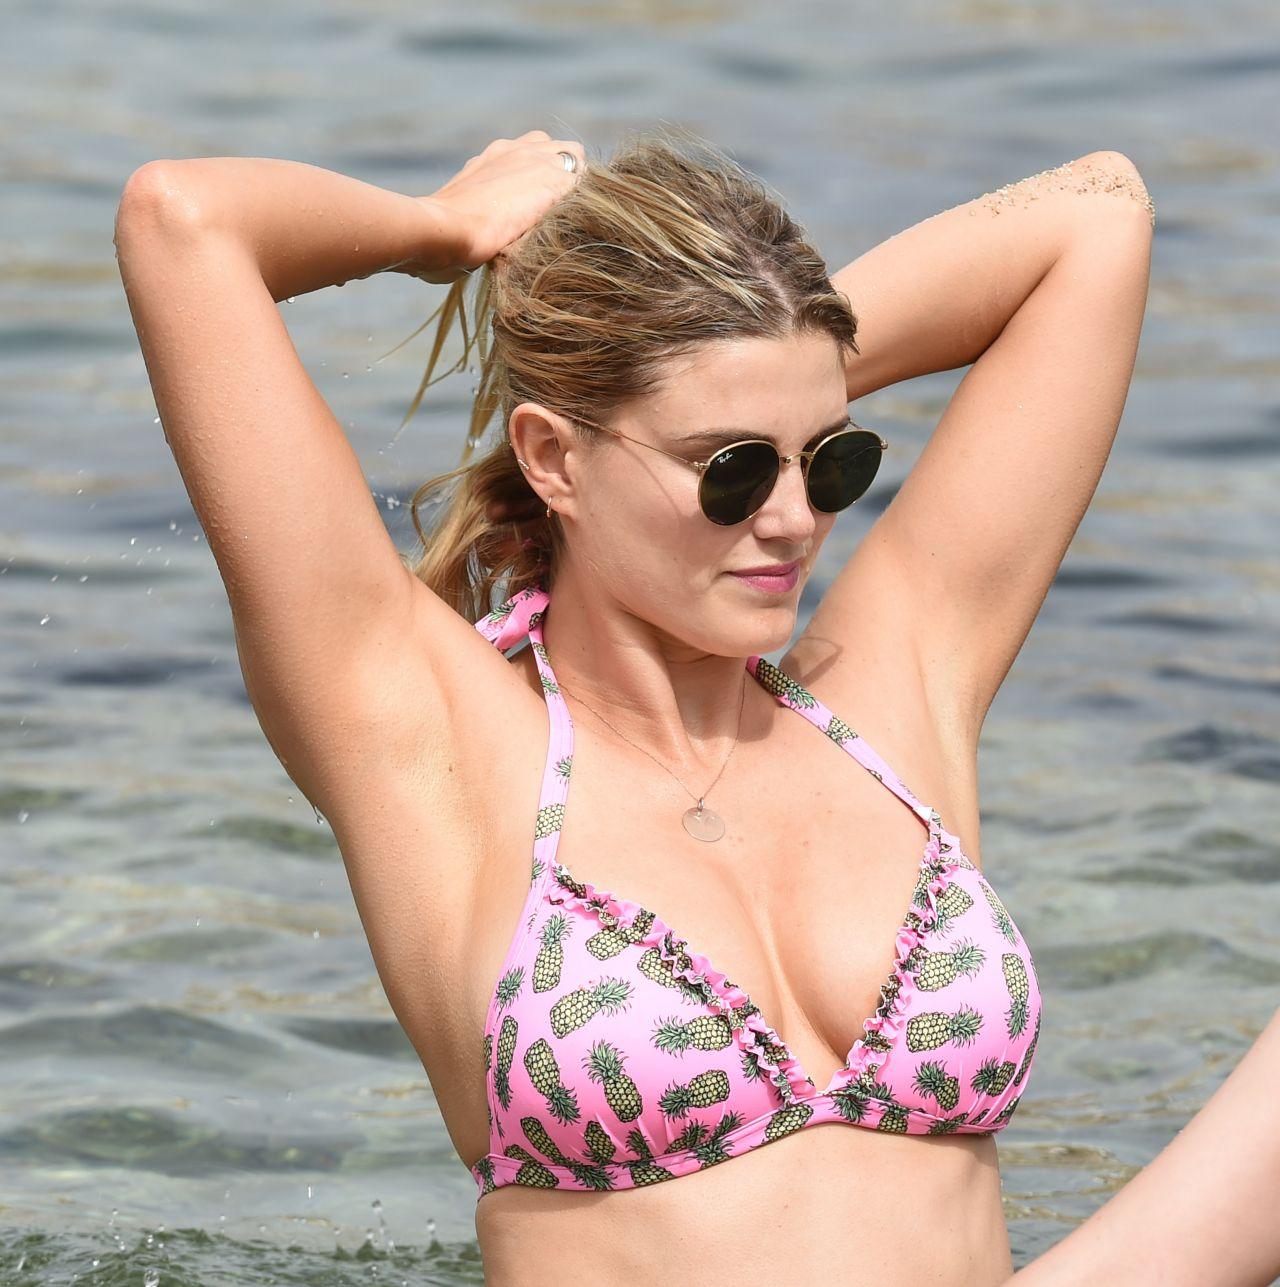 Ashley James Hot In Bikini Having Fun On The Beach In